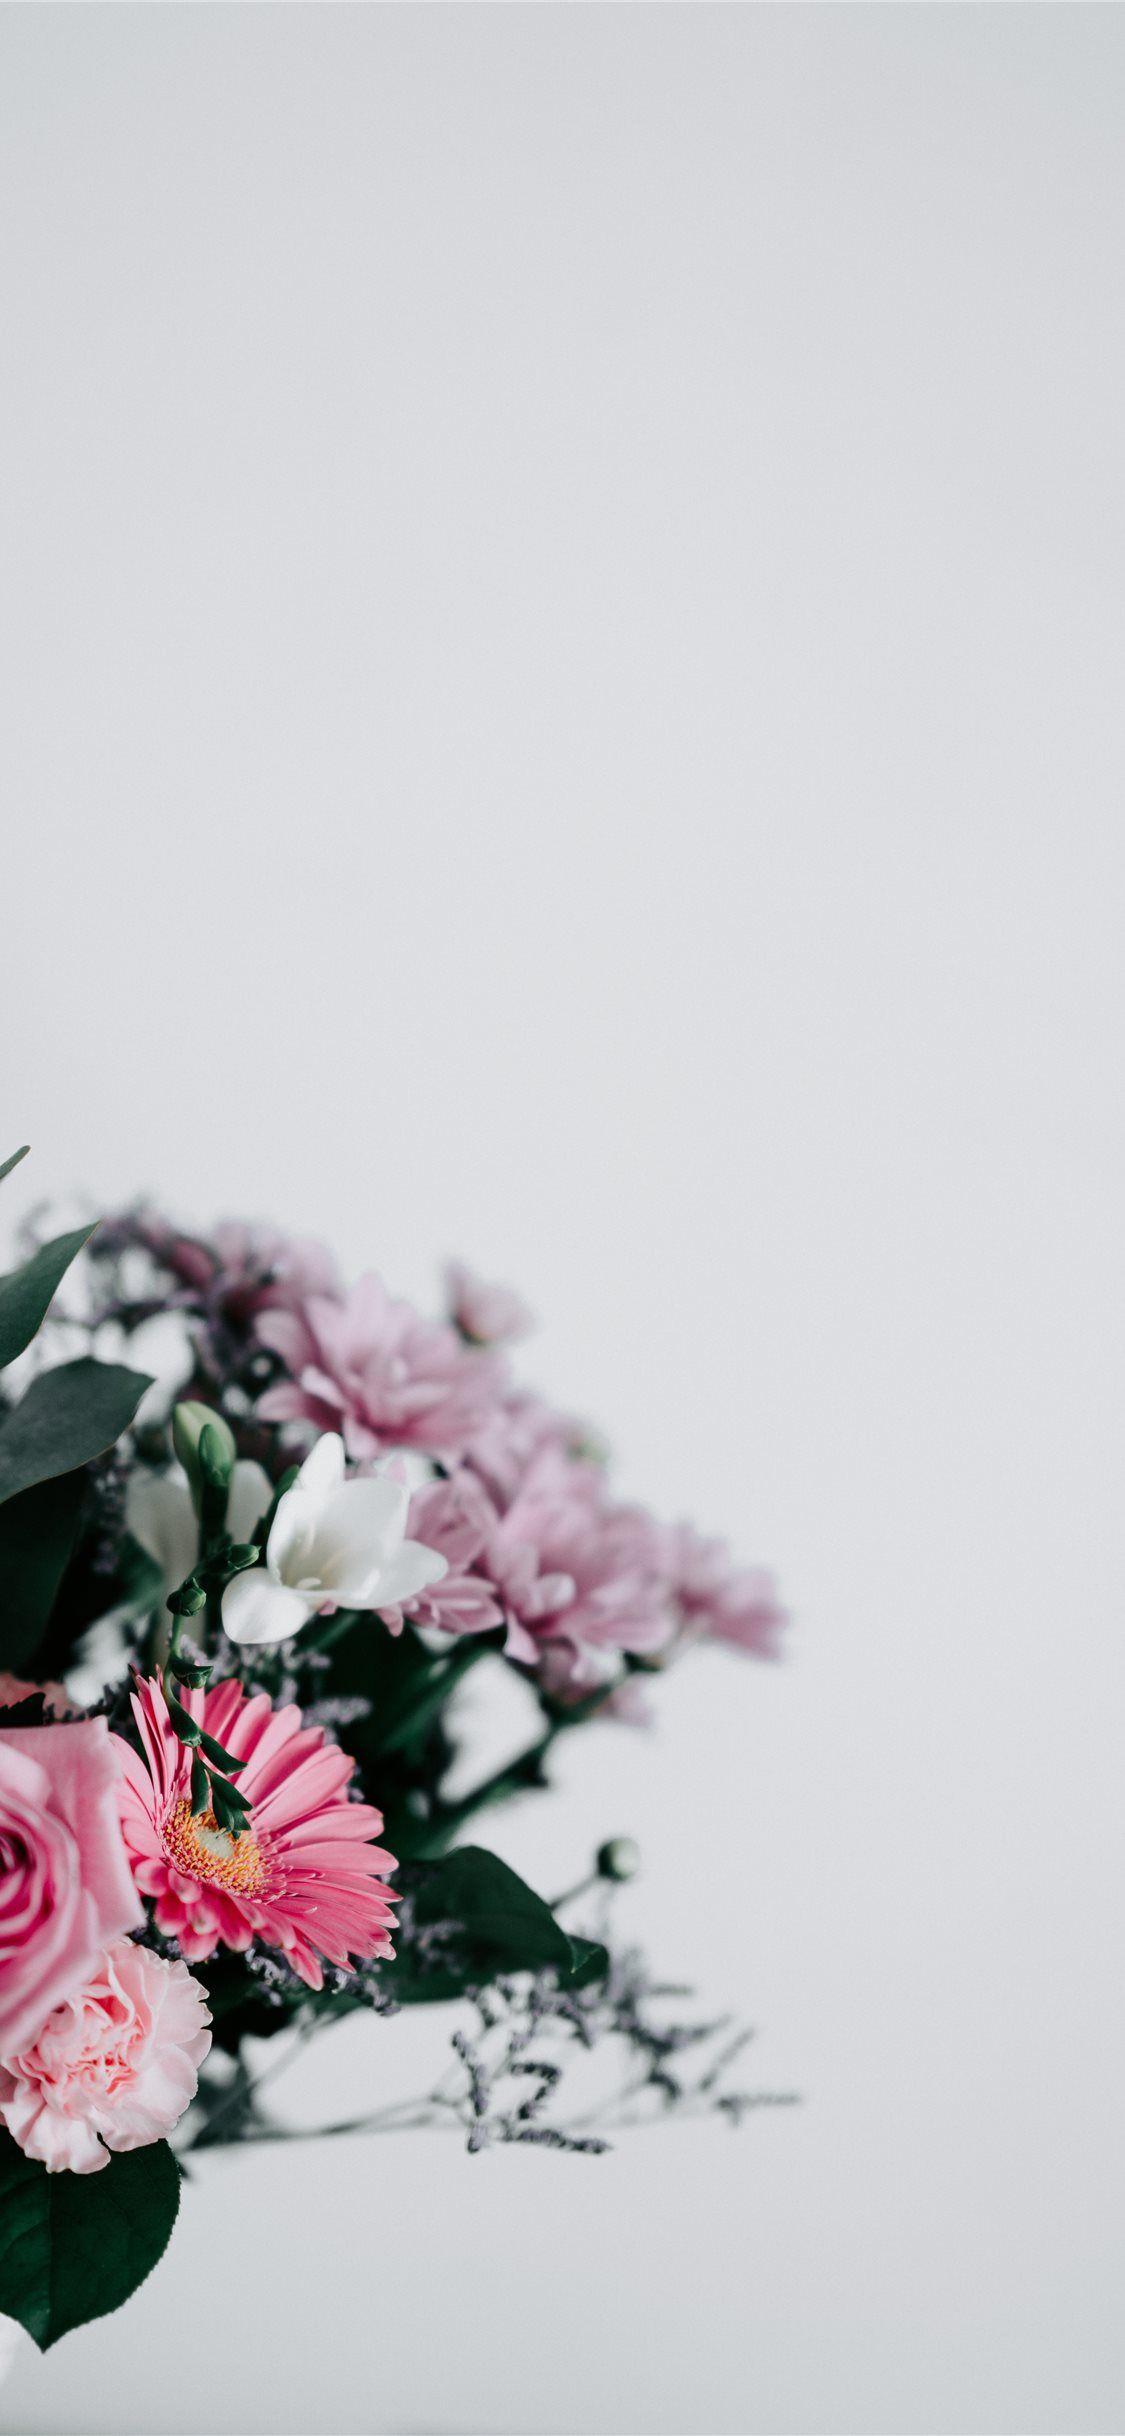 Flower Wallpaper For Iphone Xr 3d Wallpapers Flower Iphone Wallpaper Flower Wallpaper Space Iphone Wallpaper